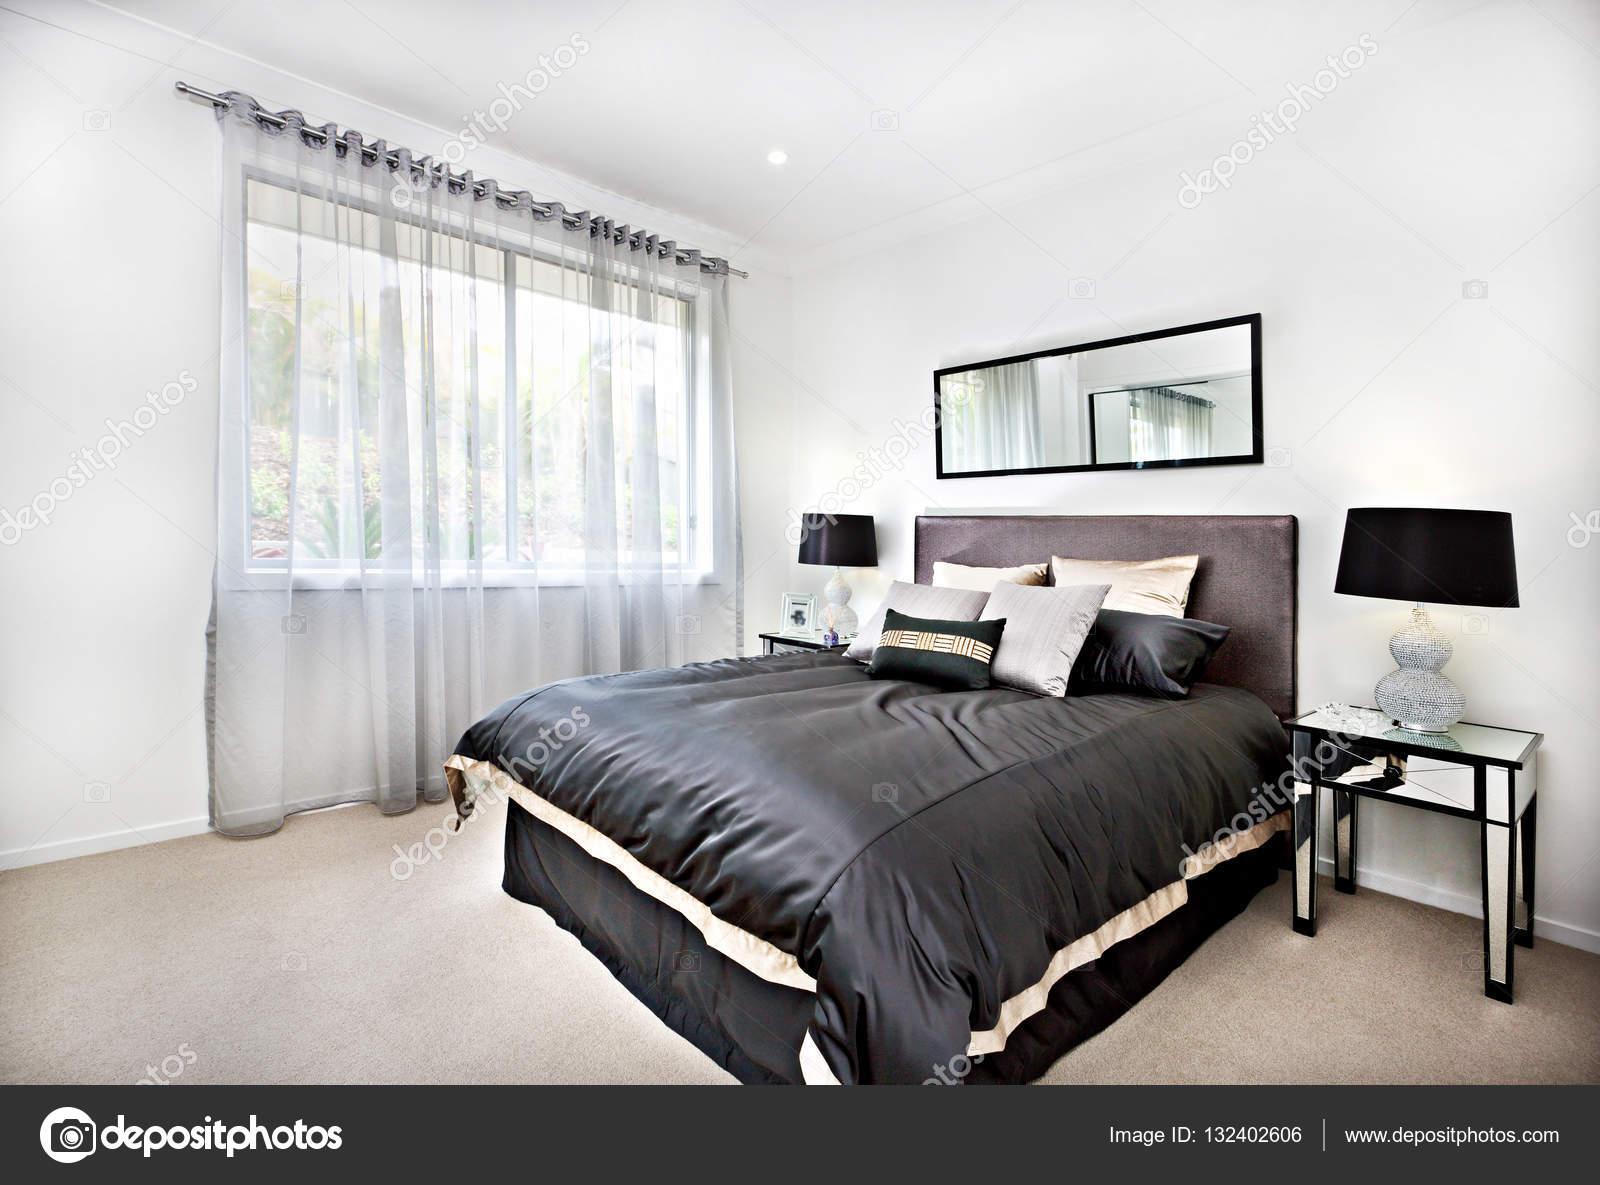 Gut Moderne Schlafzimmer Mit Schwarzen Dekoration Und Spiegel Neben Lampen U2014  Stockfoto